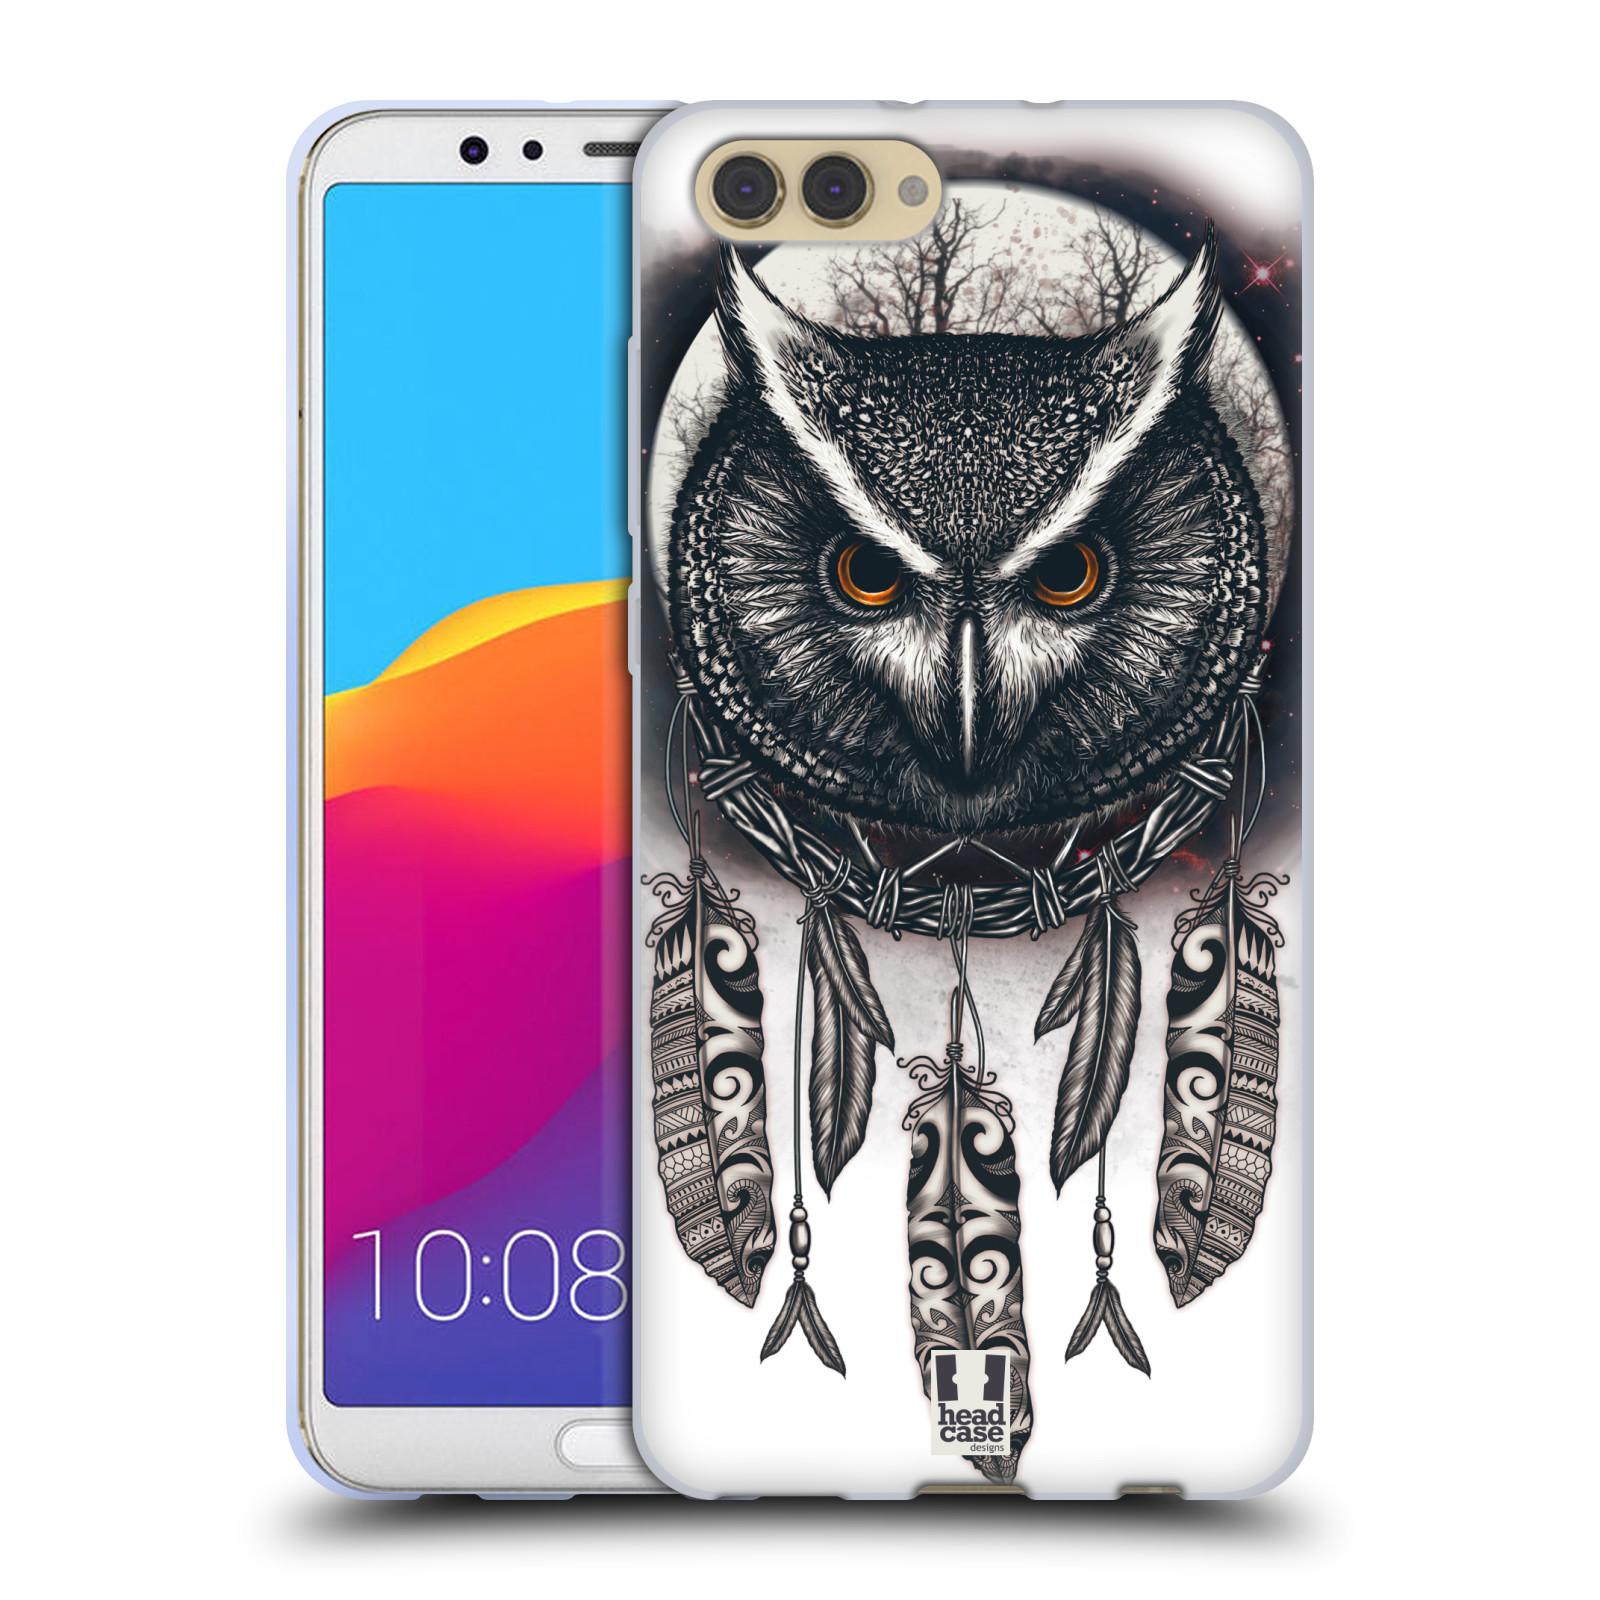 Silikonové pouzdro na mobil Honor View 10 - Head Case - Soví lapač